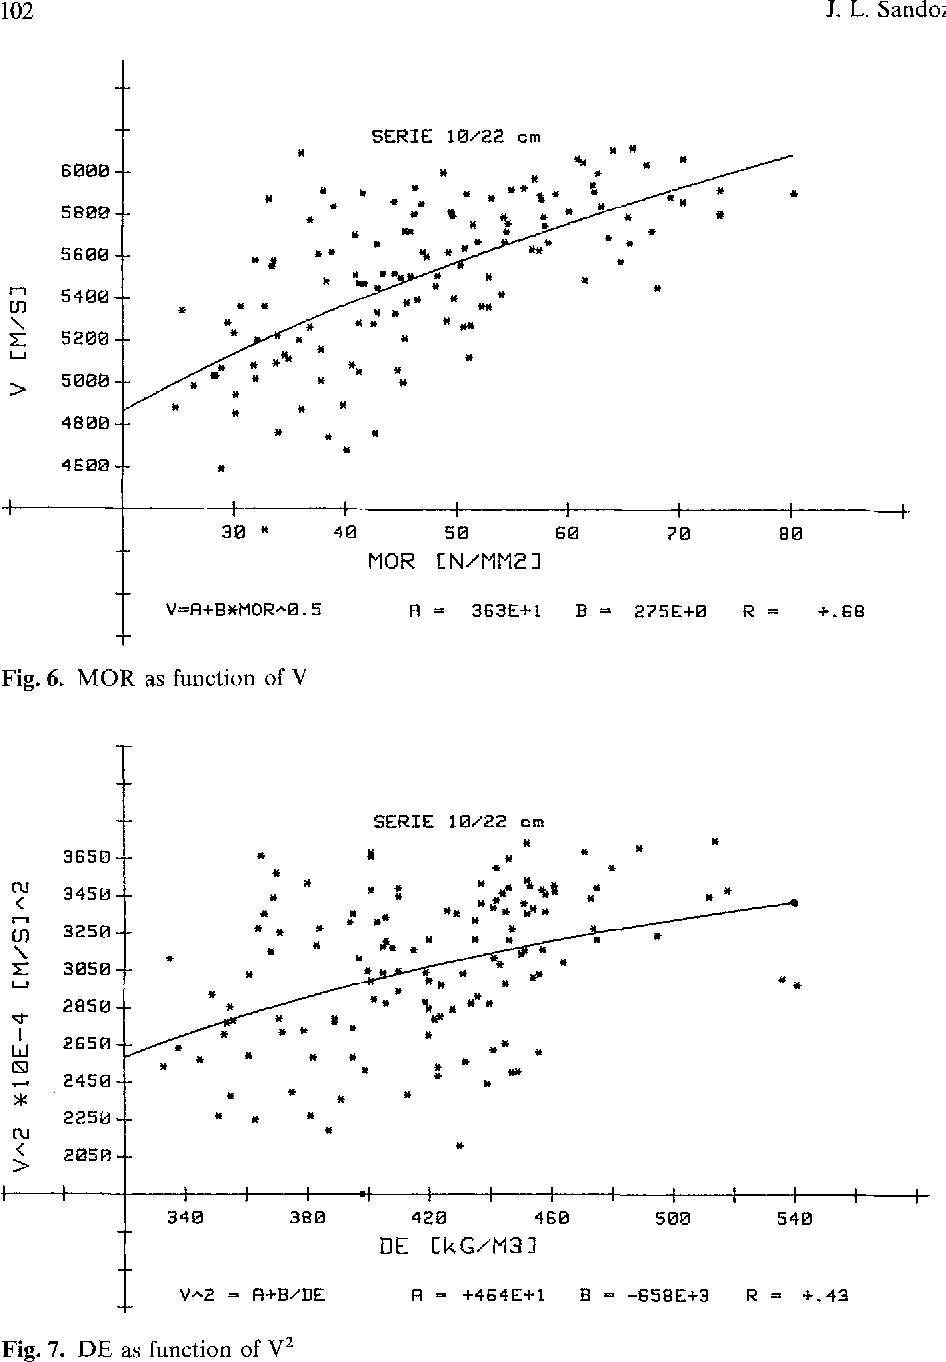 Fig. 6. MOR as function of V